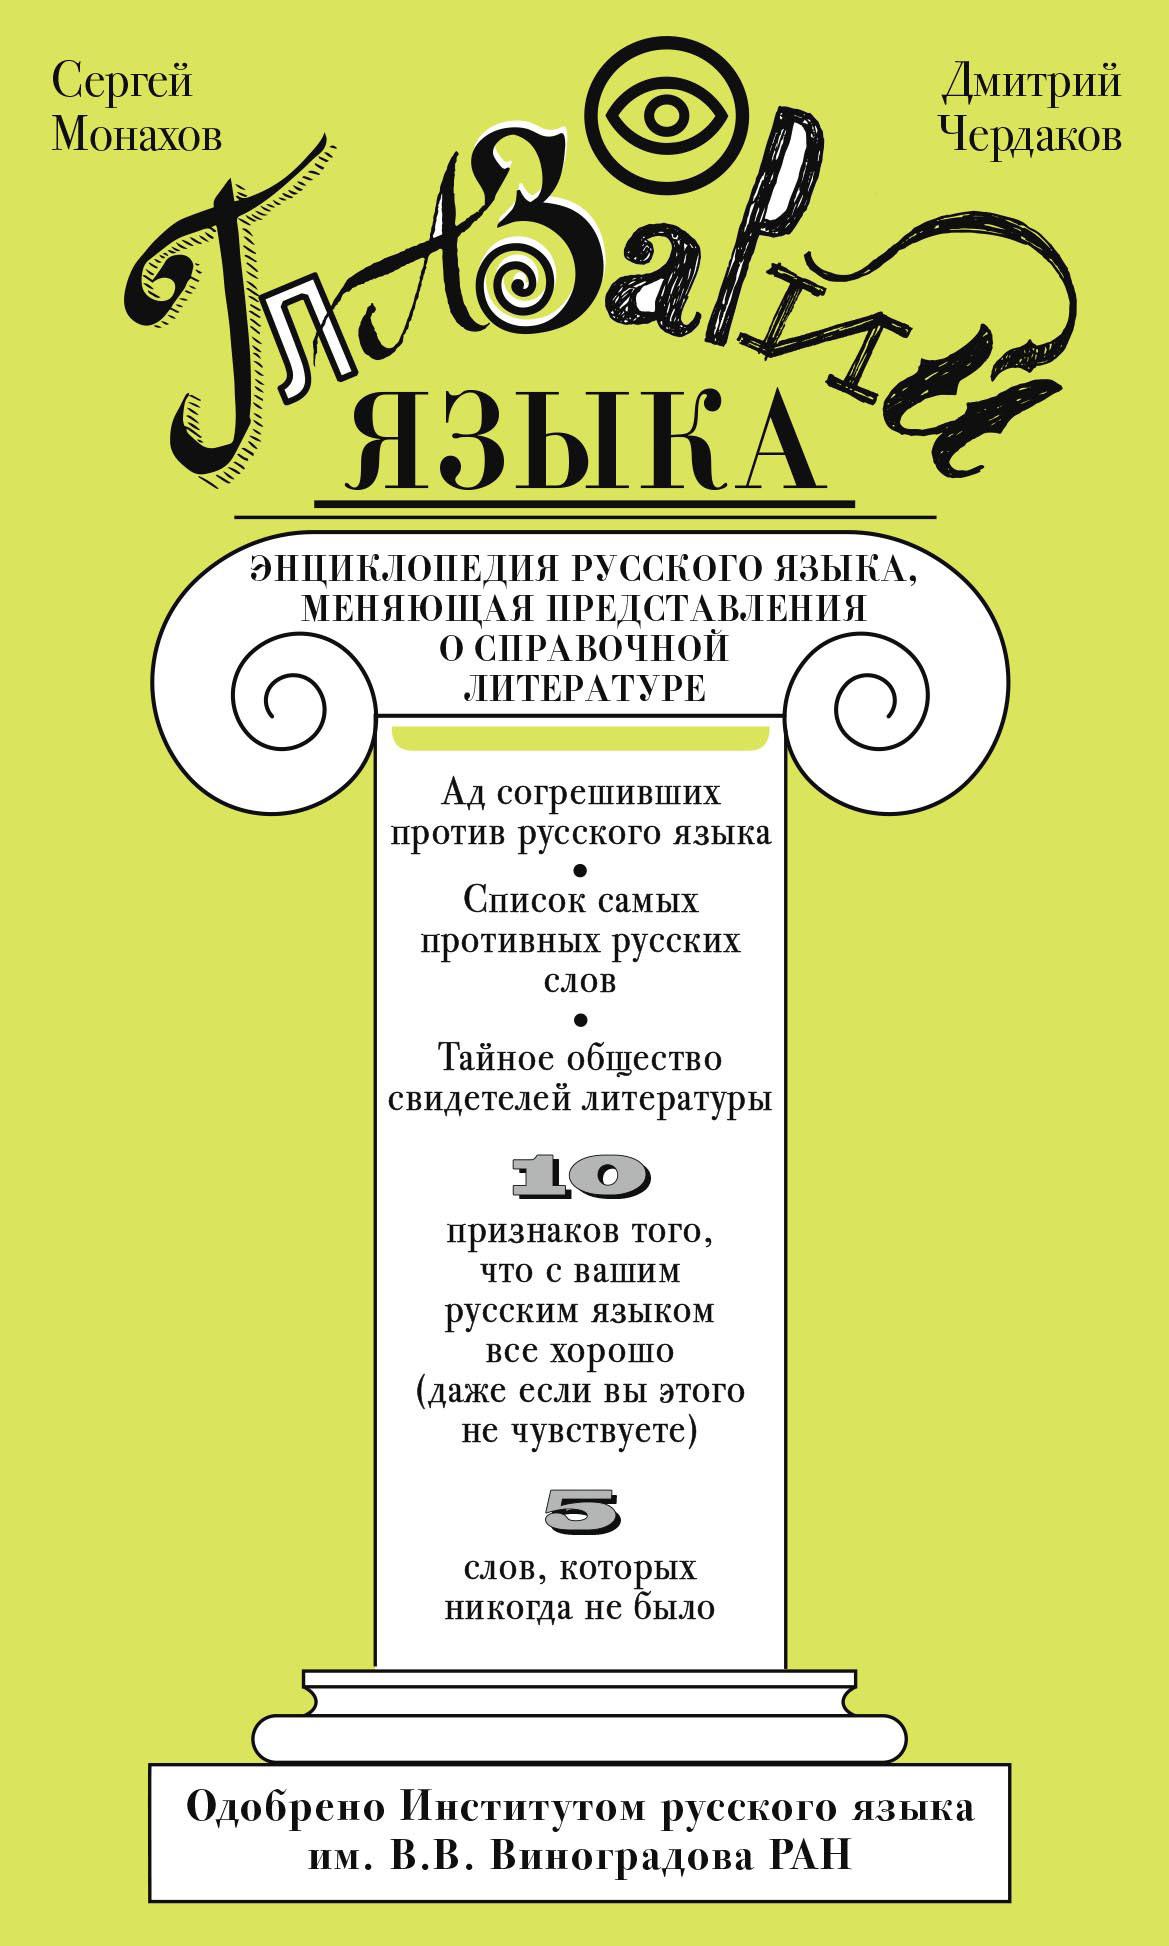 Глазарий языка. Энциклопедия русского языка, меняющая представление о справочной литературе